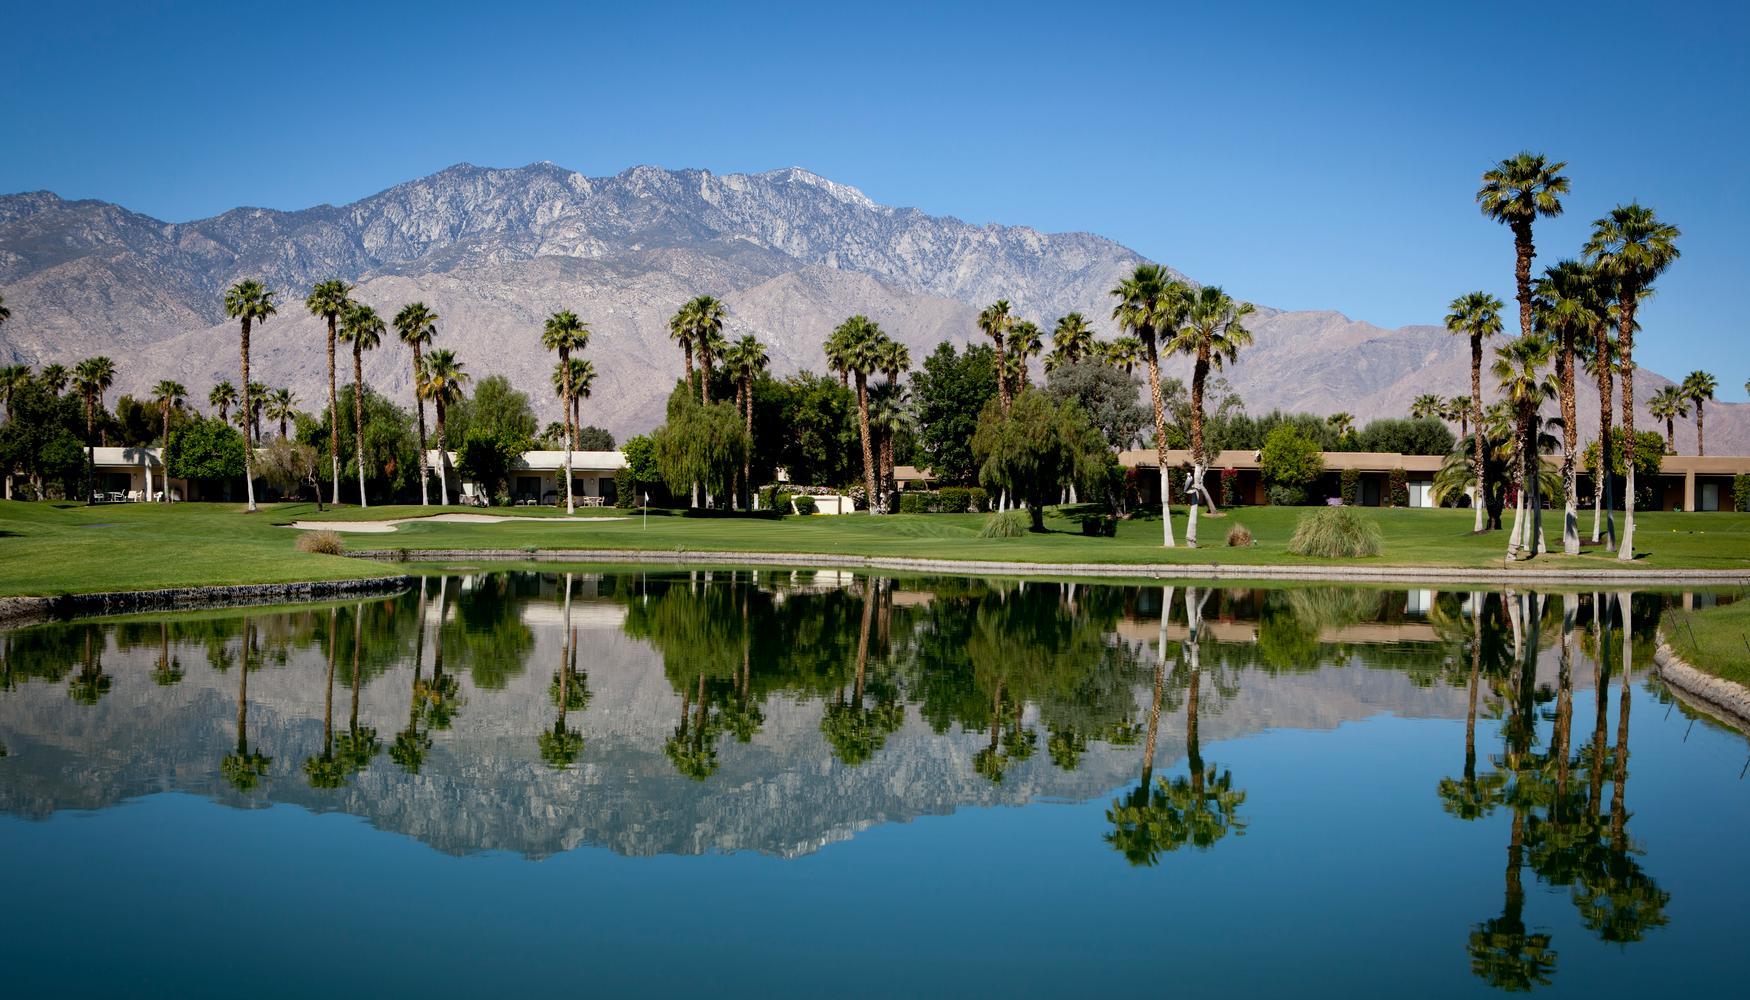 Car rental at Palm Springs Airport